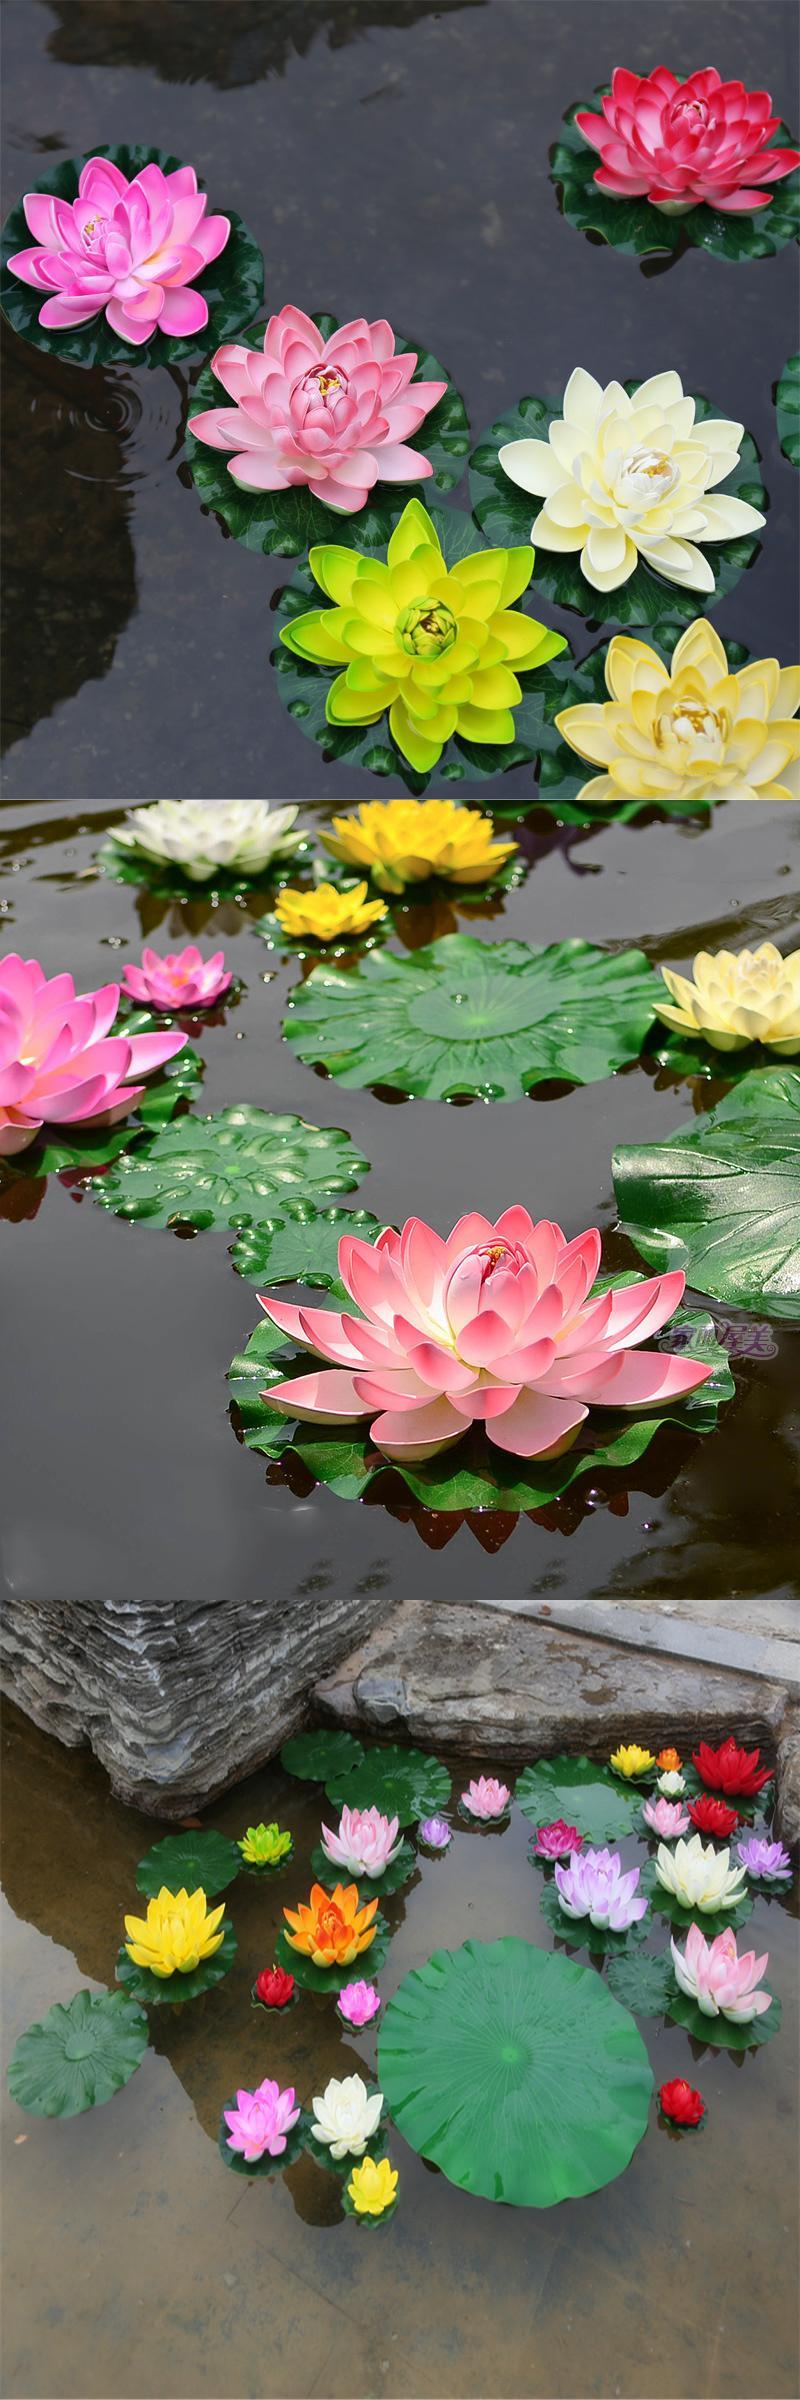 Visit To Buy 1pcs 17cm Decor Garden Artificial Fake Lotus Flower